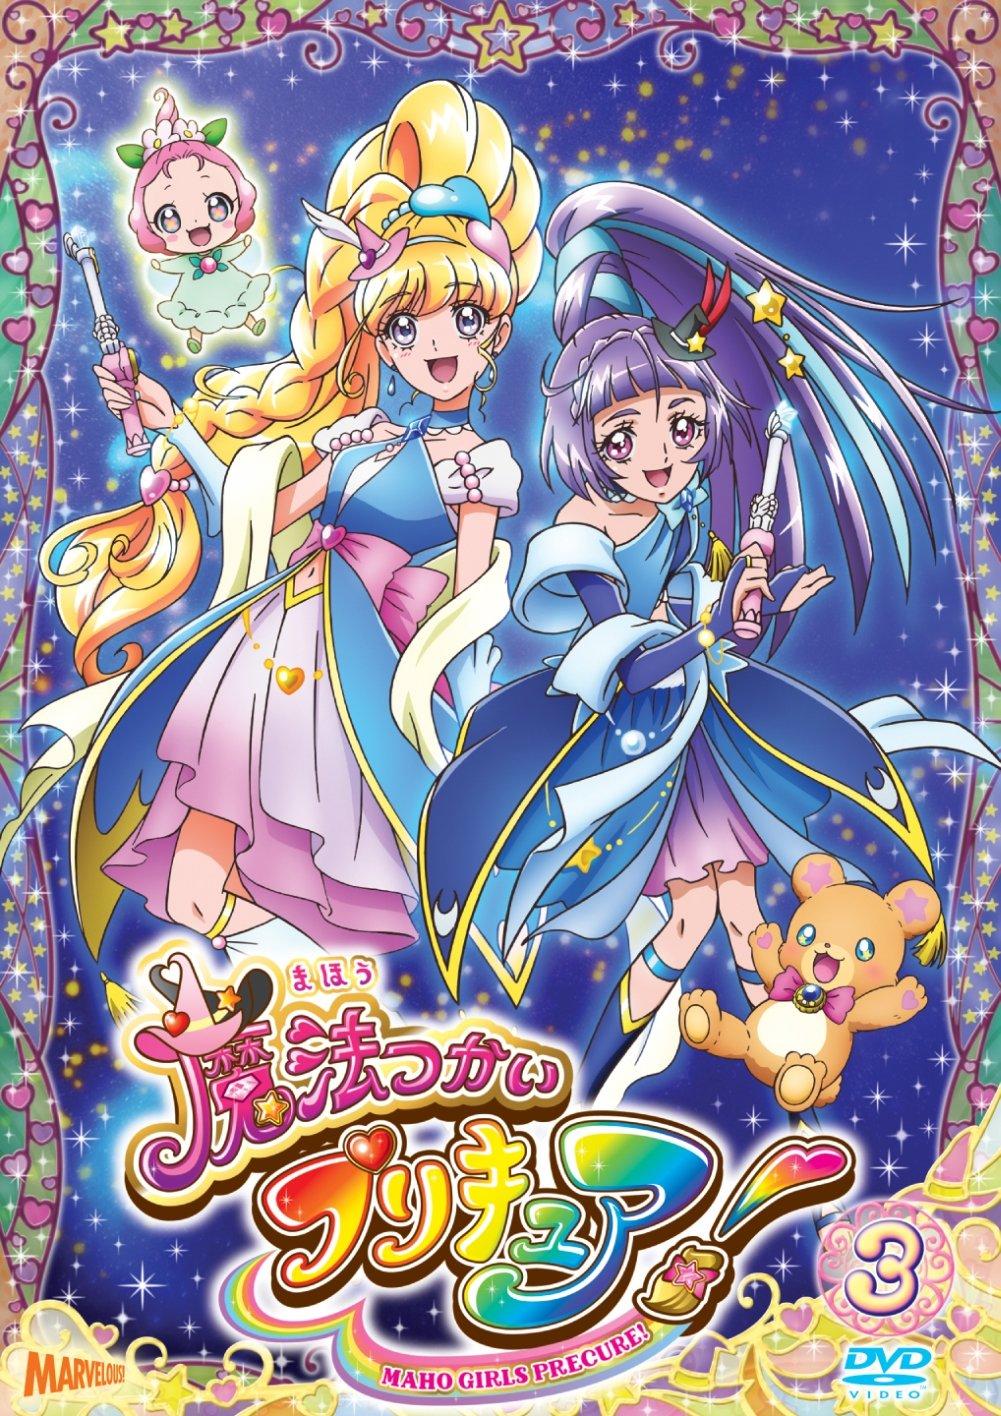 Amazoncojp 魔法つかいプリキュア Vol3 Dvd Dvdブルーレイ